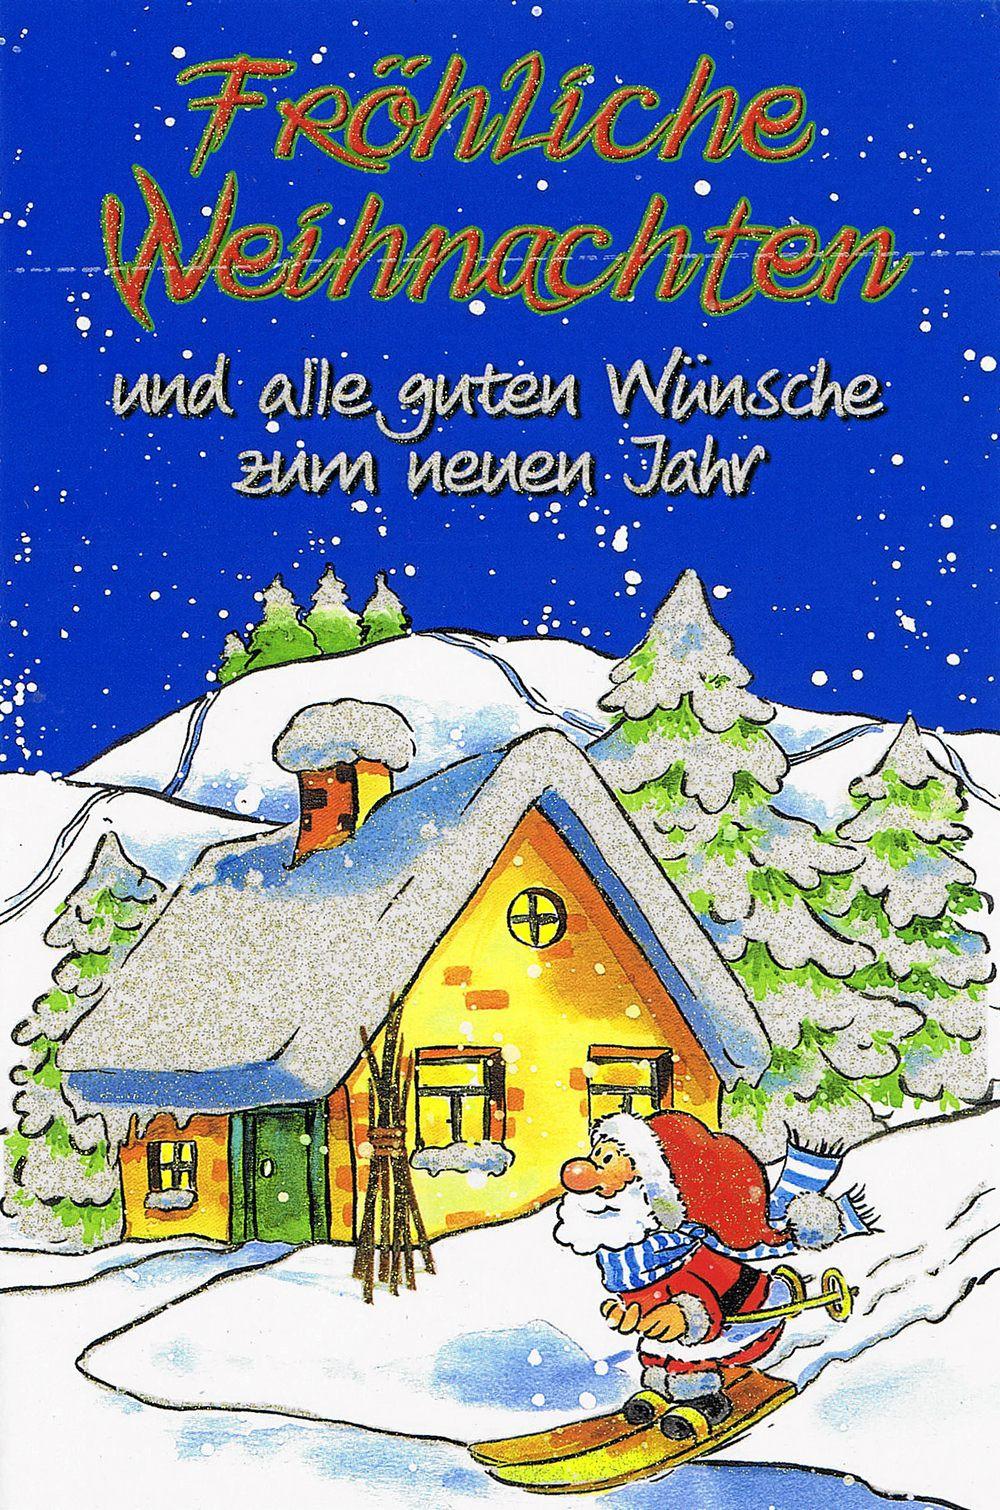 Weihnachtskarte mit Glimmer Lustiger Weihnachtsmann